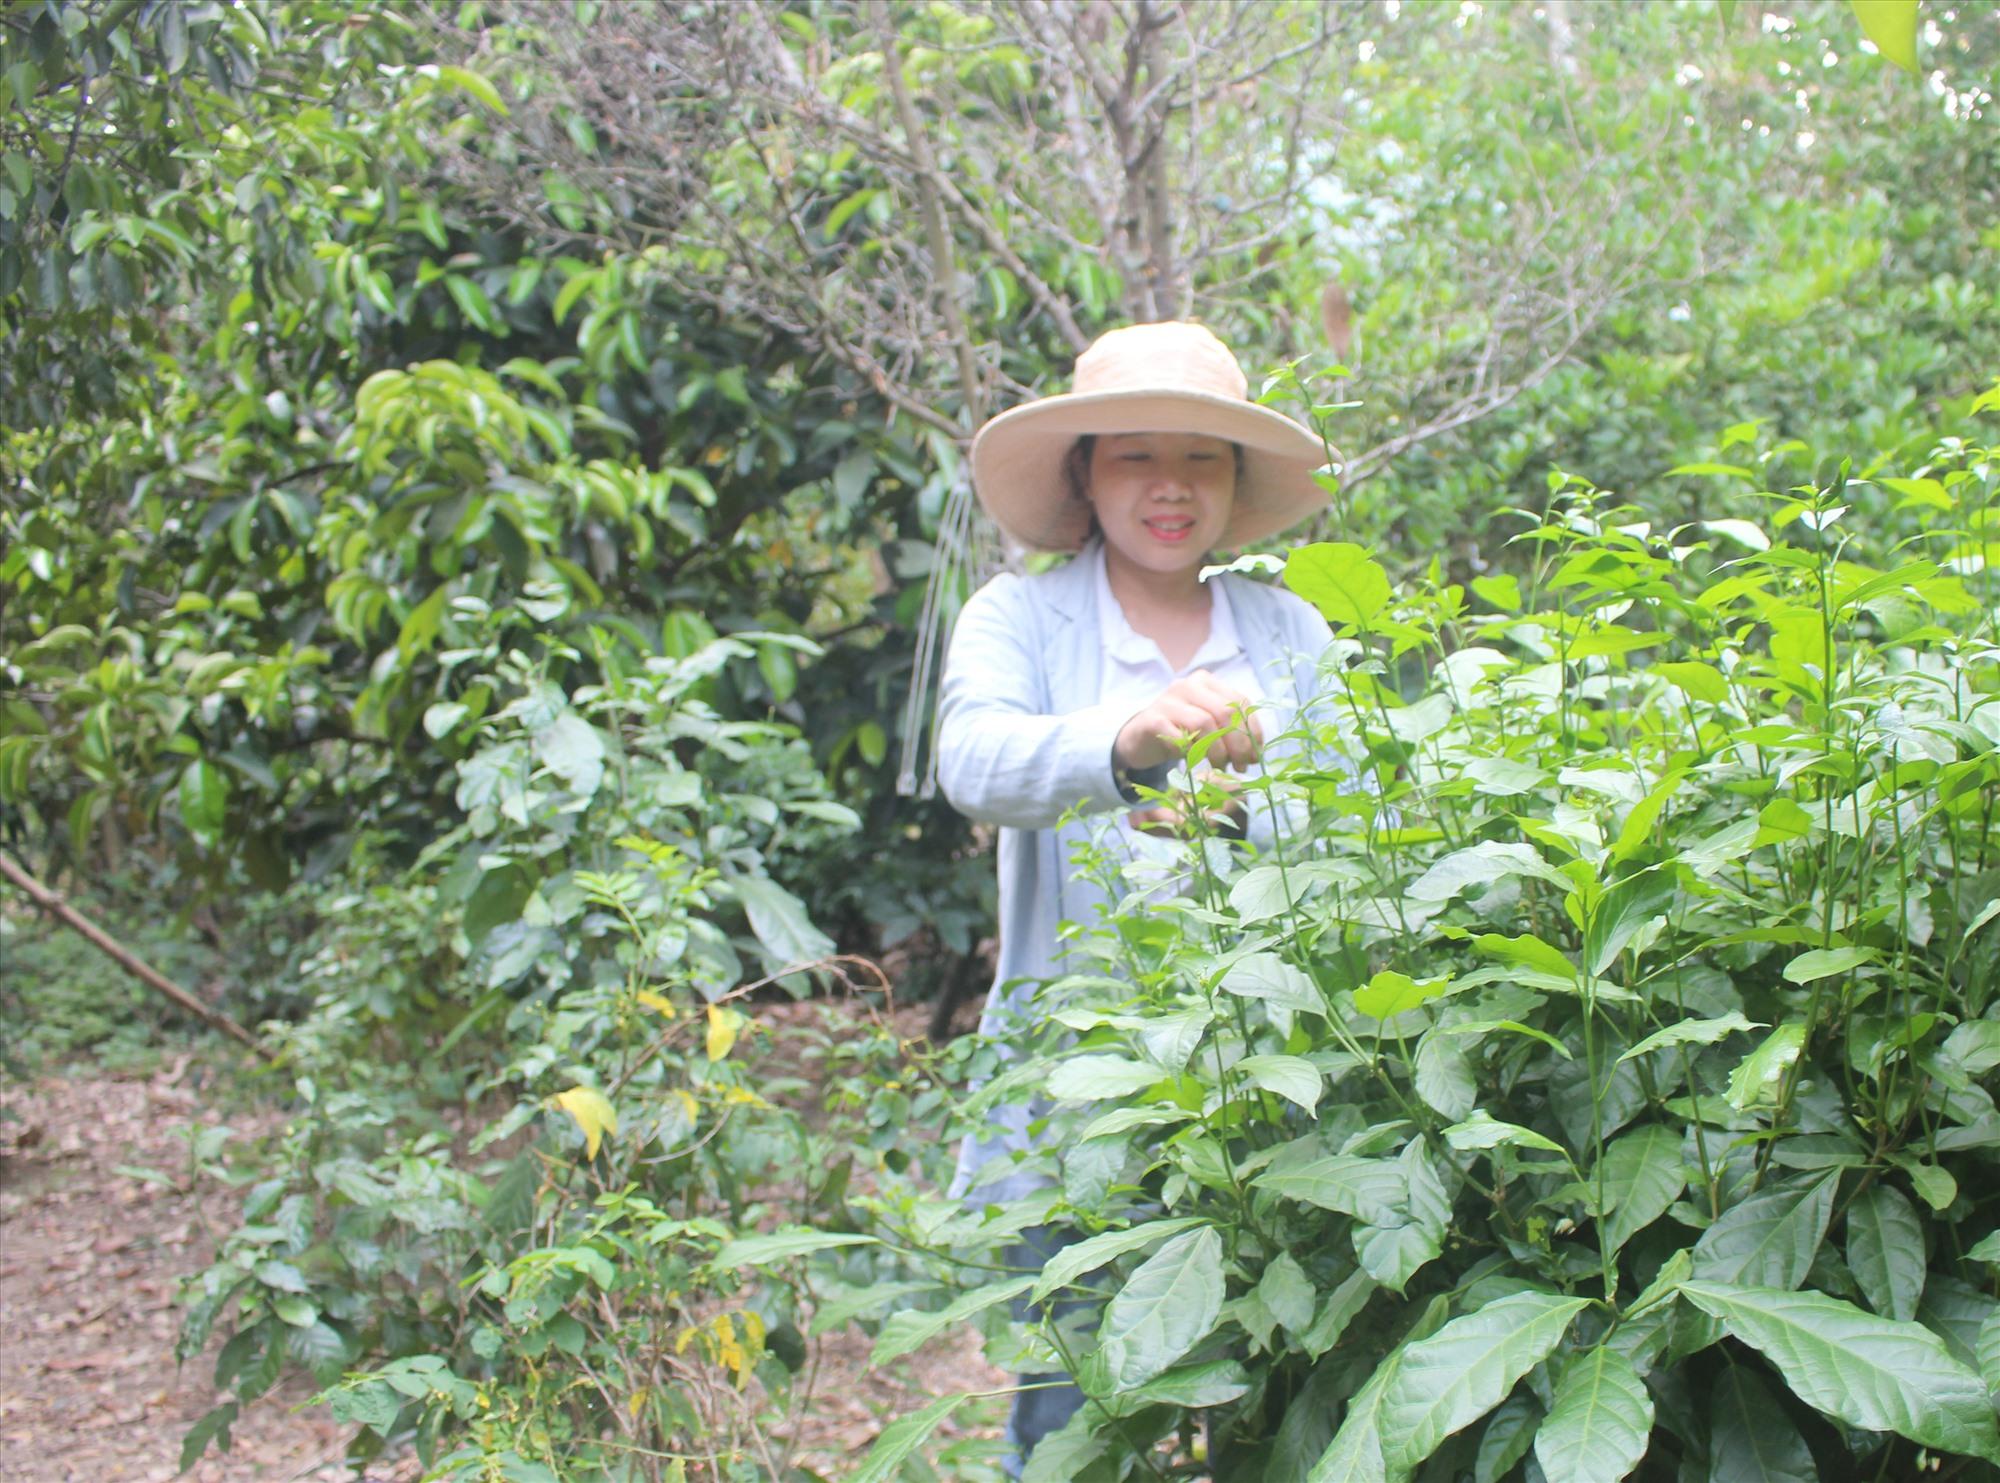 Mùa hè là thời điểm lý tưởng để cây rau sen đặc sản sinh trưởng và phát triển tốt trên đất Đại Bình. Ảnh: H.LIÊN